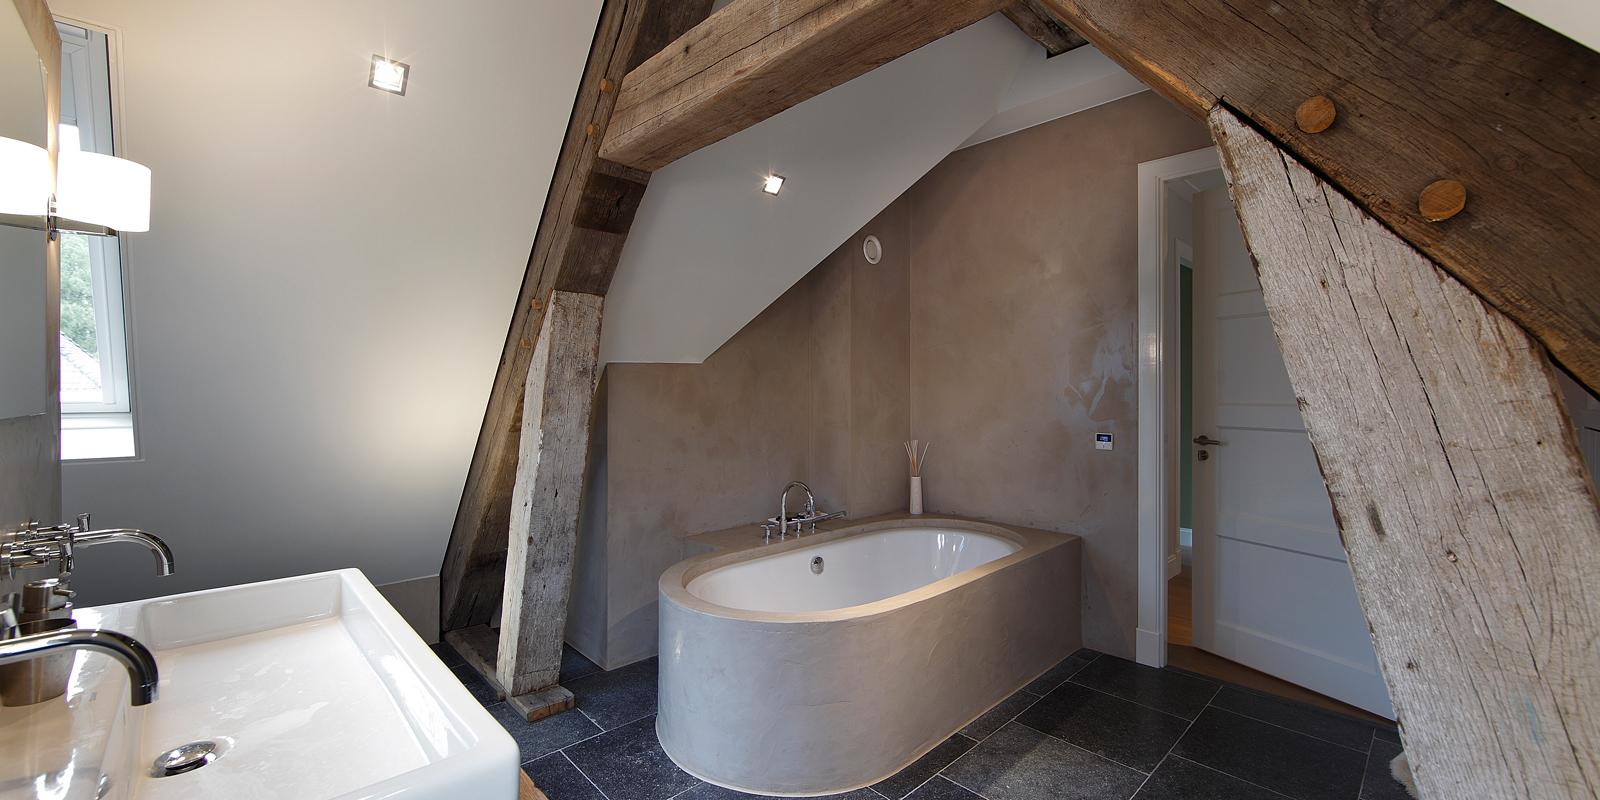 The Art of Living, Exclusief wonen, Wellness, luxe badkamer, warme stijl, authentieke accenten, luxe badkuip, Simon Stukadoors